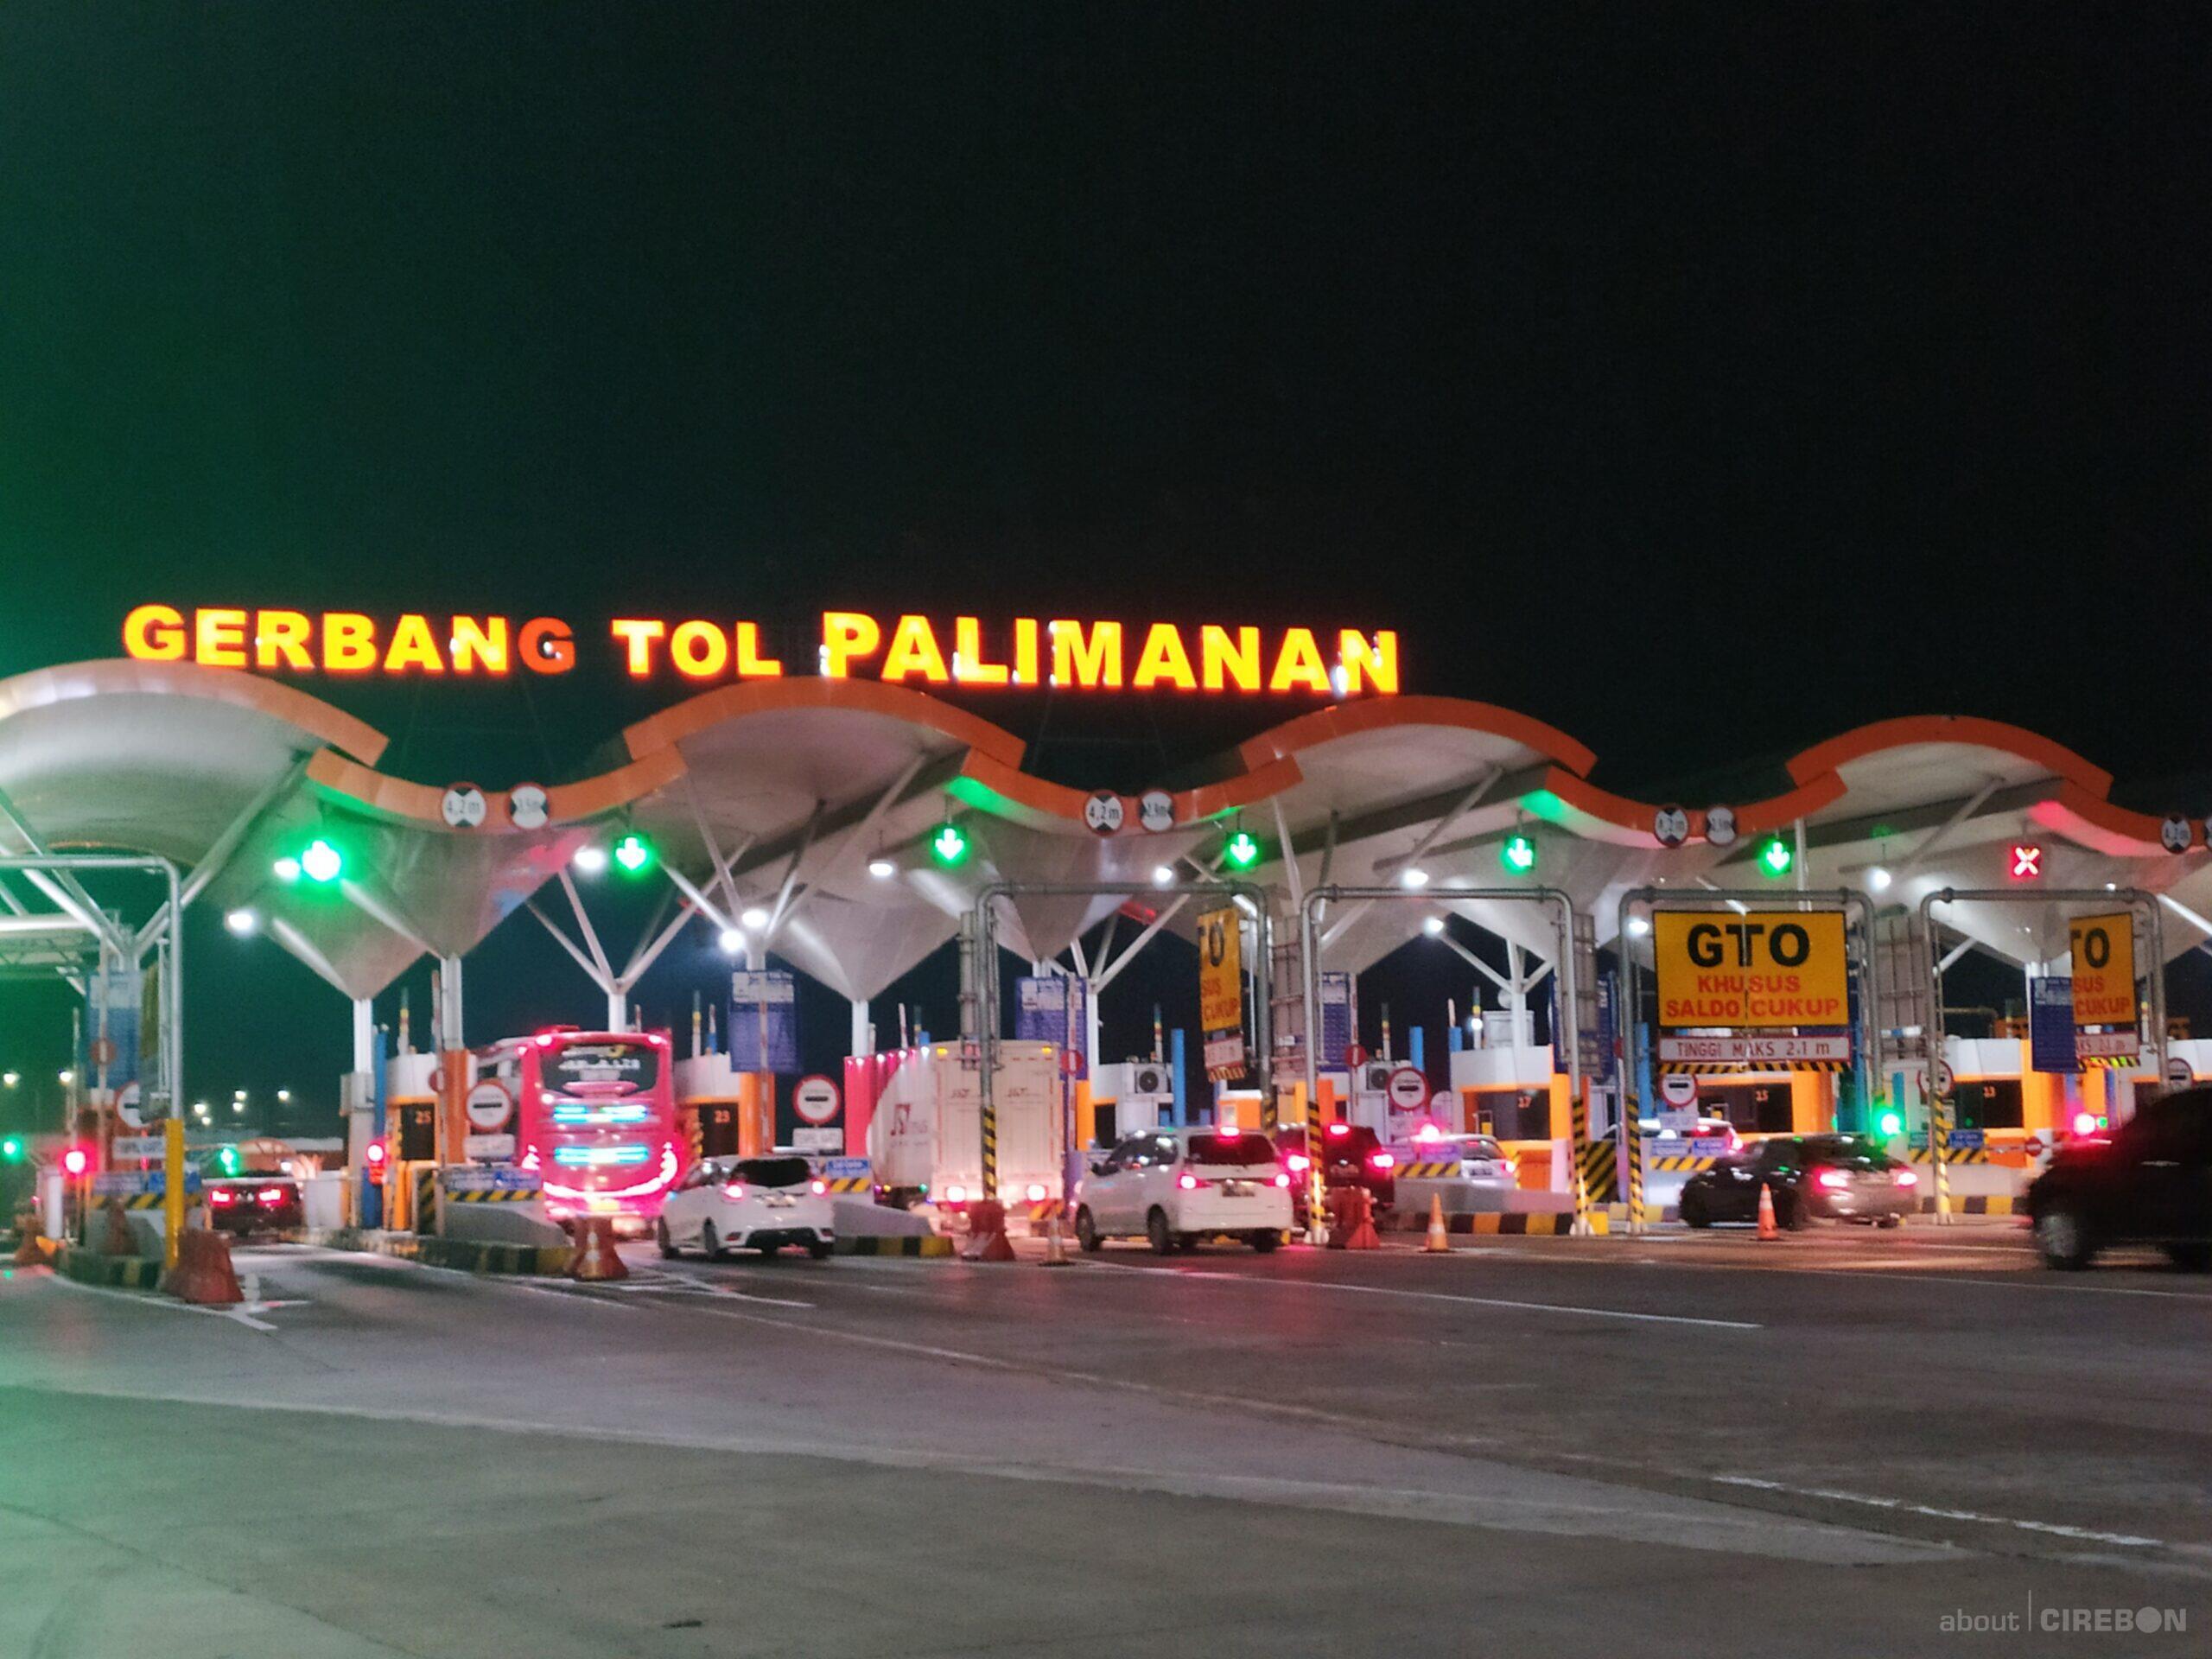 Jelang Libur Panjang Volume Kendaraan Di Gerbang Tol Palimanan Masih Terpantau Lancar